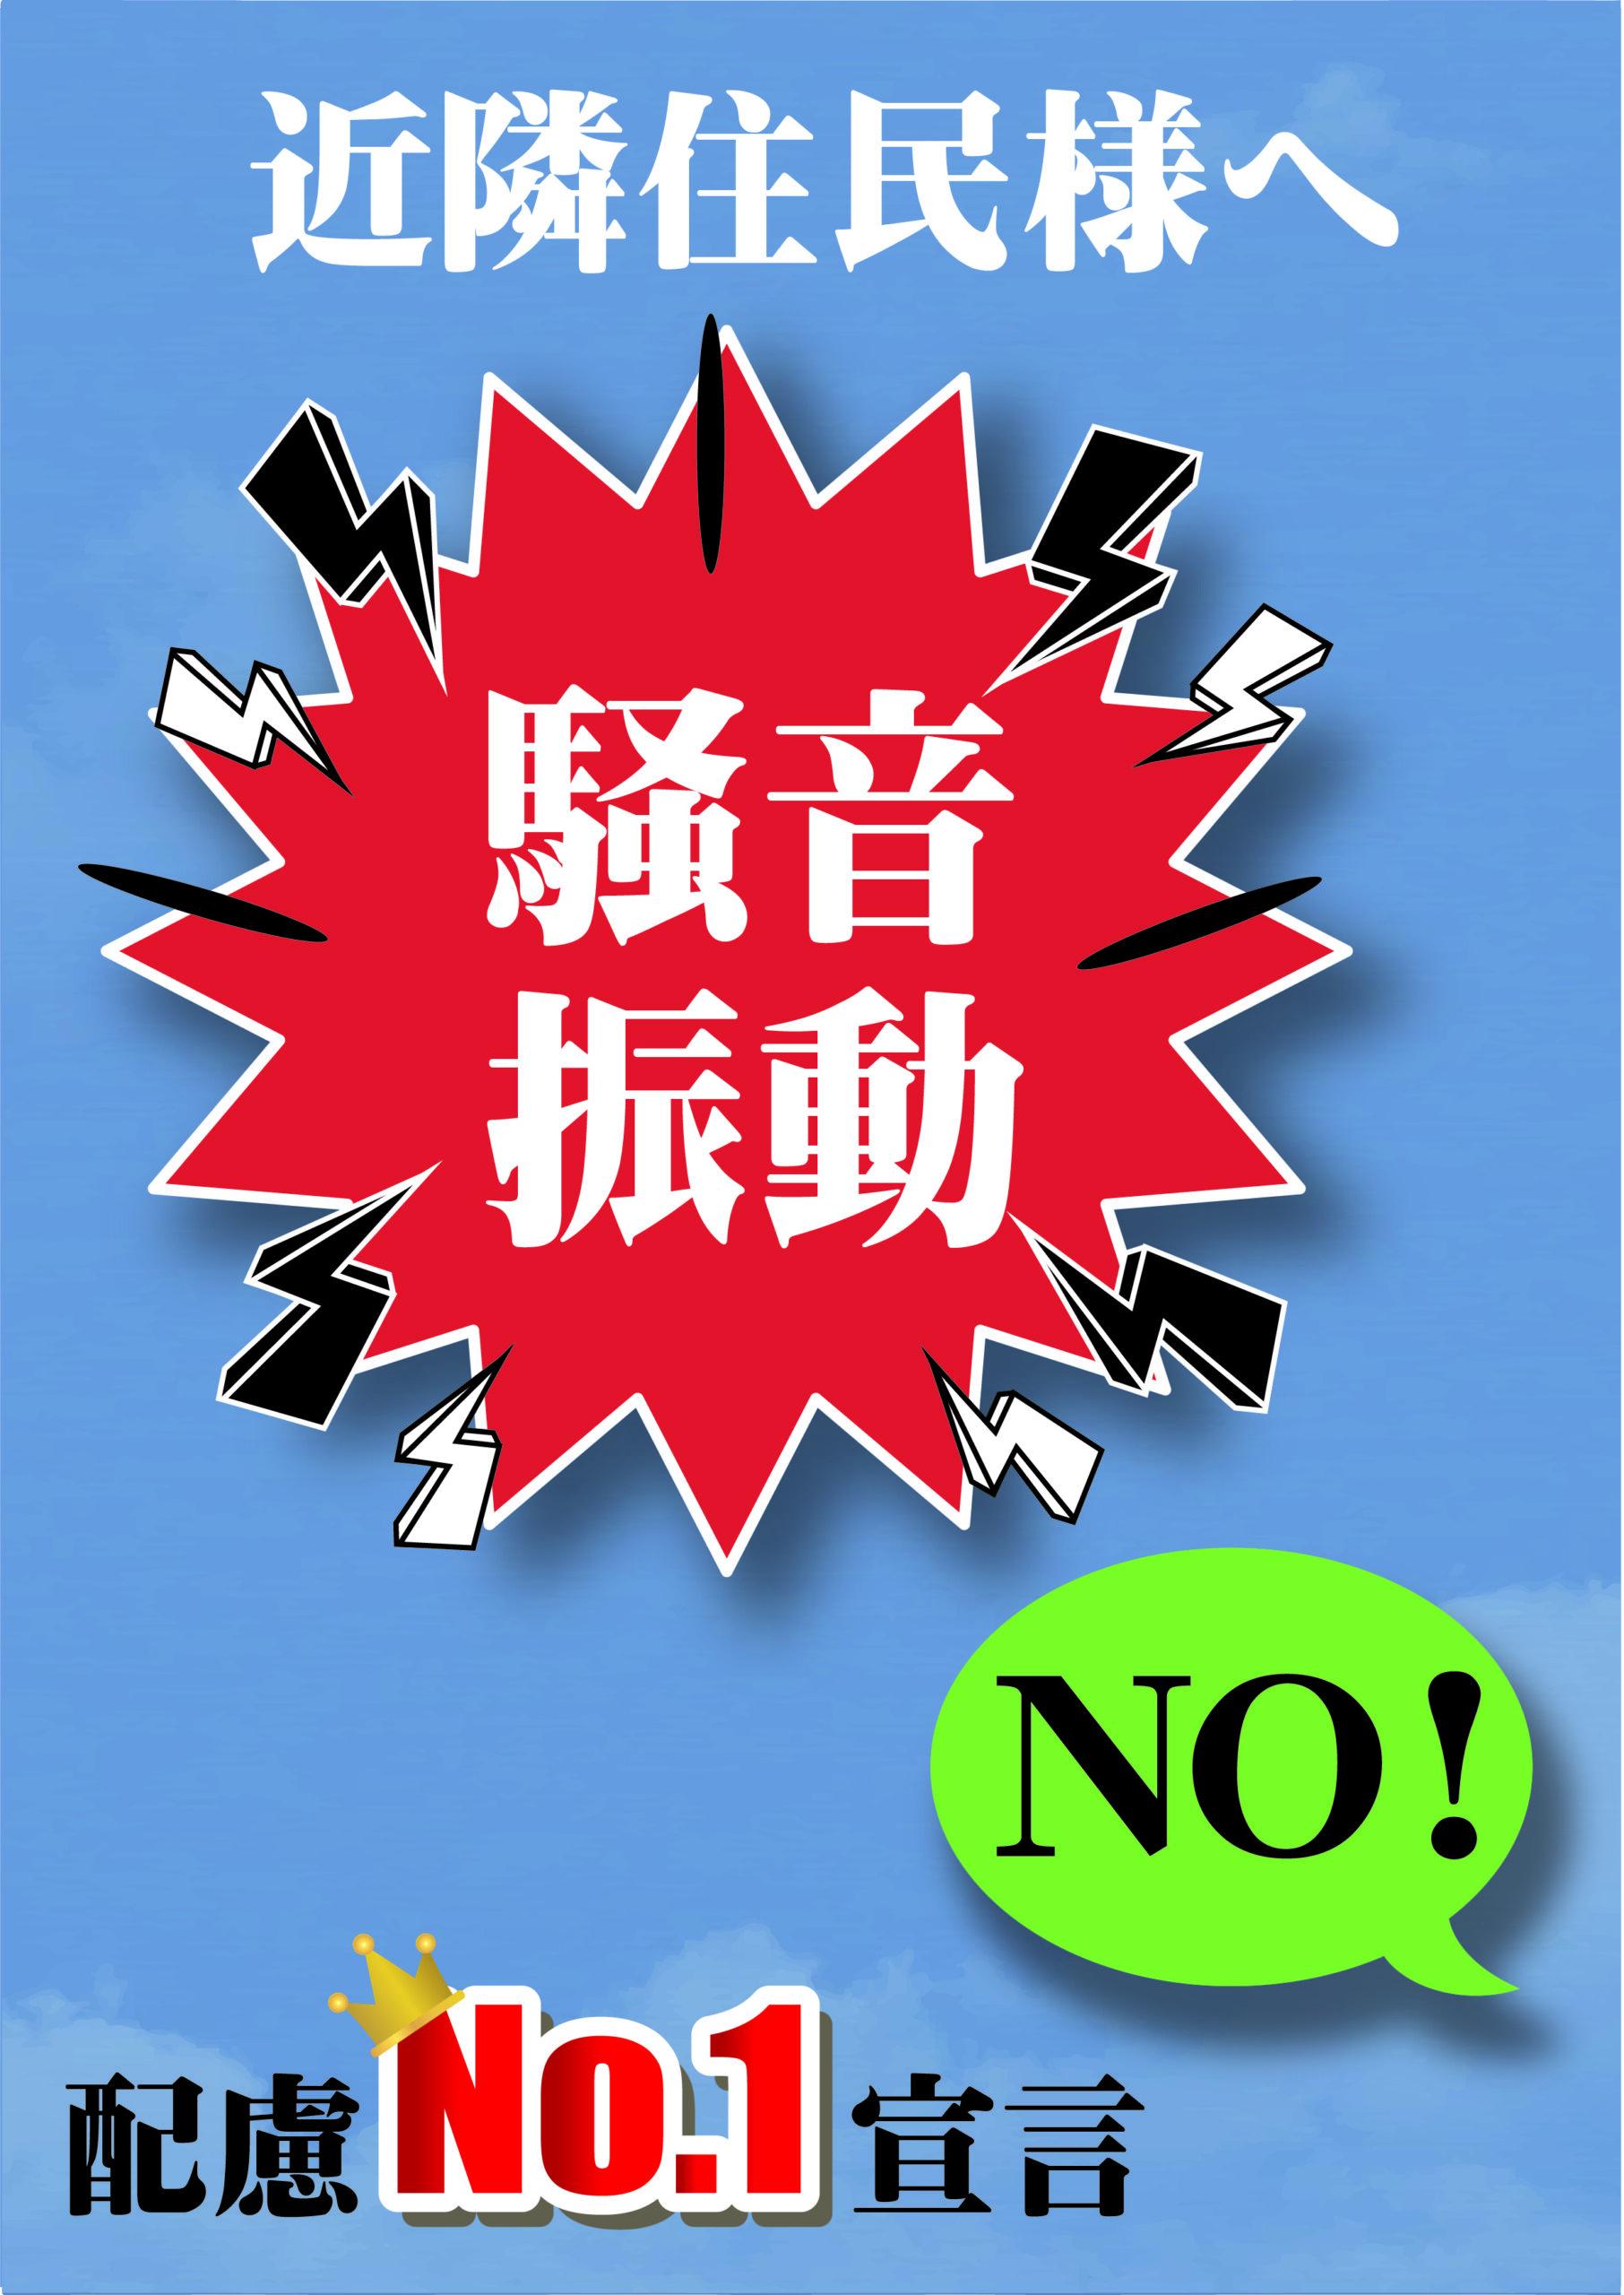 近隣住民様への配慮No.1宣言